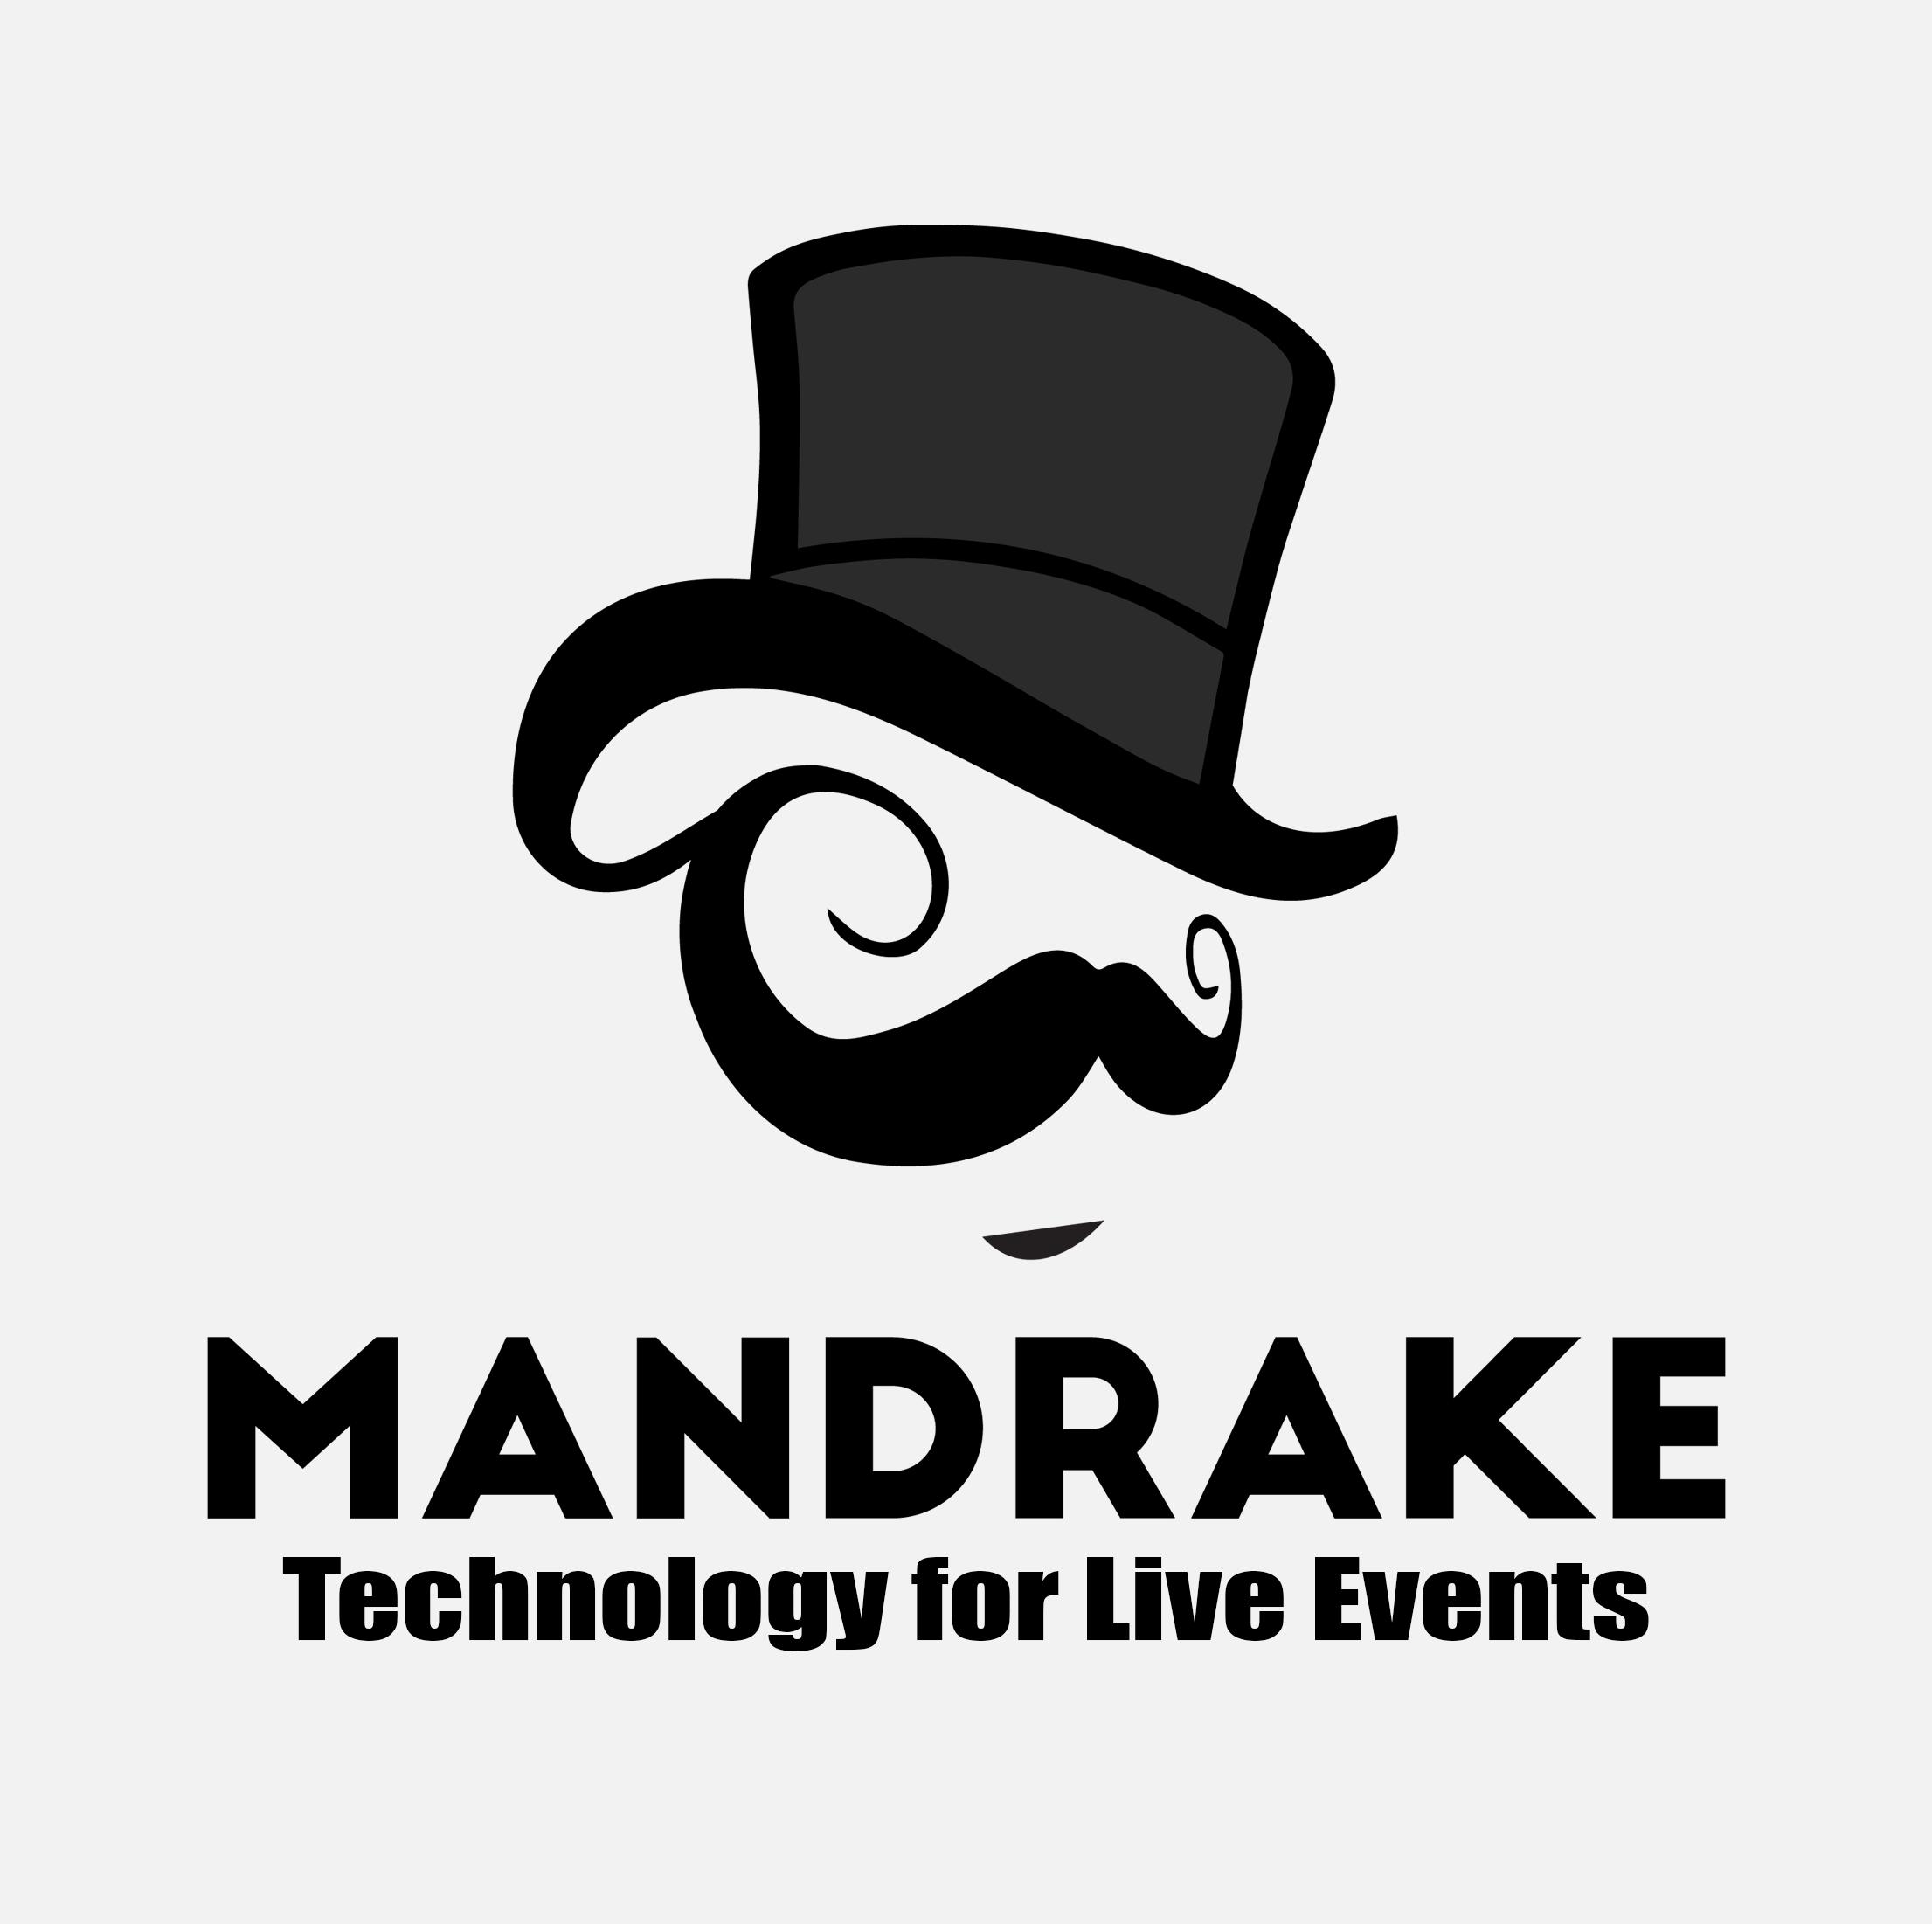 Technology_Mandrake_1.png